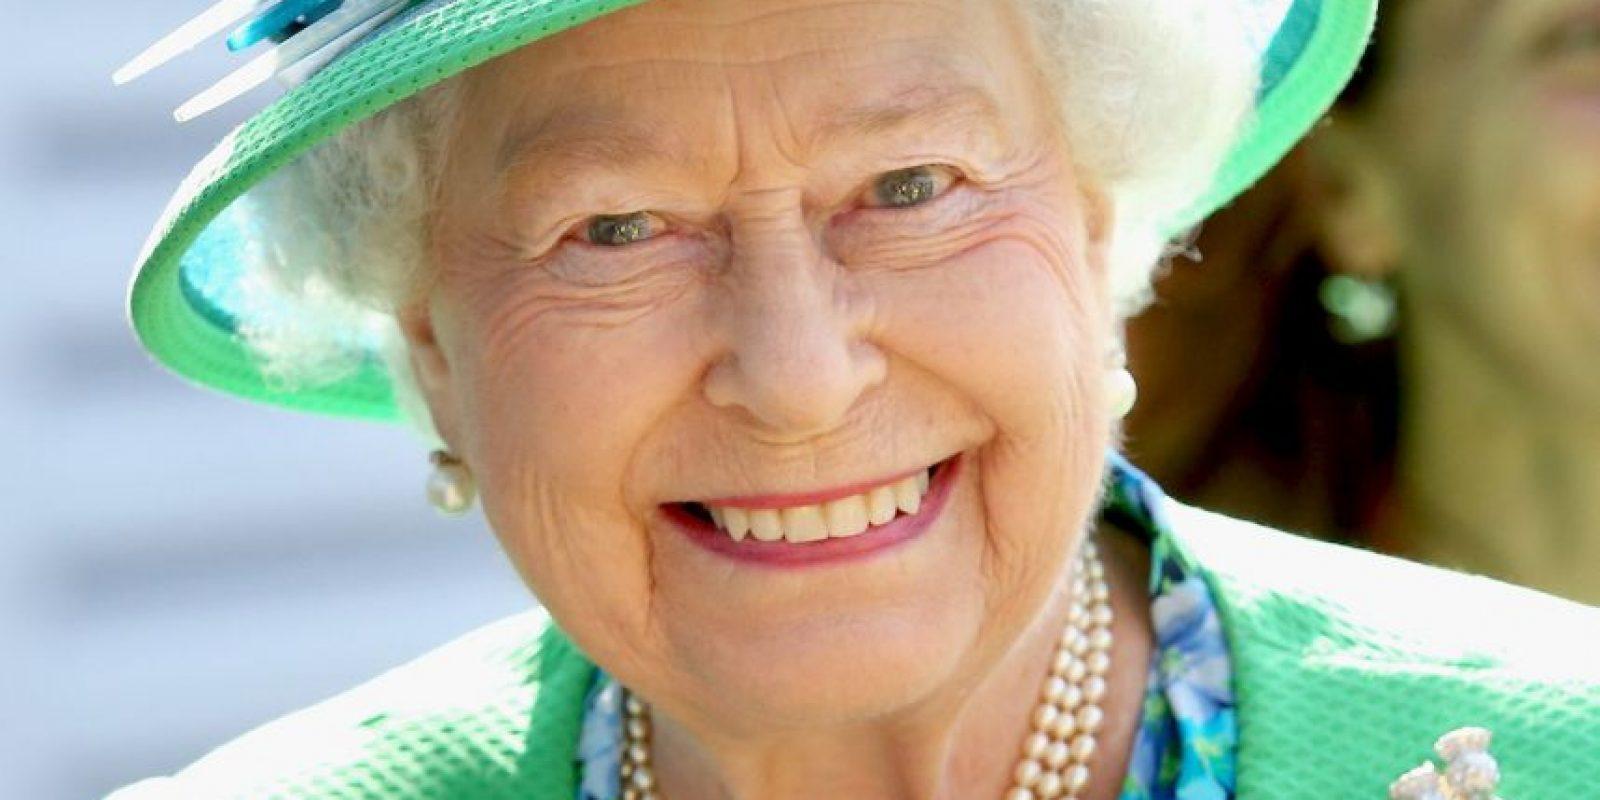 5. Cada año recibe un promedio de 50 mil personas en el palacio de Buckingham para eventos como fiestas, banquetes, entre otros. Foto:Getty Images